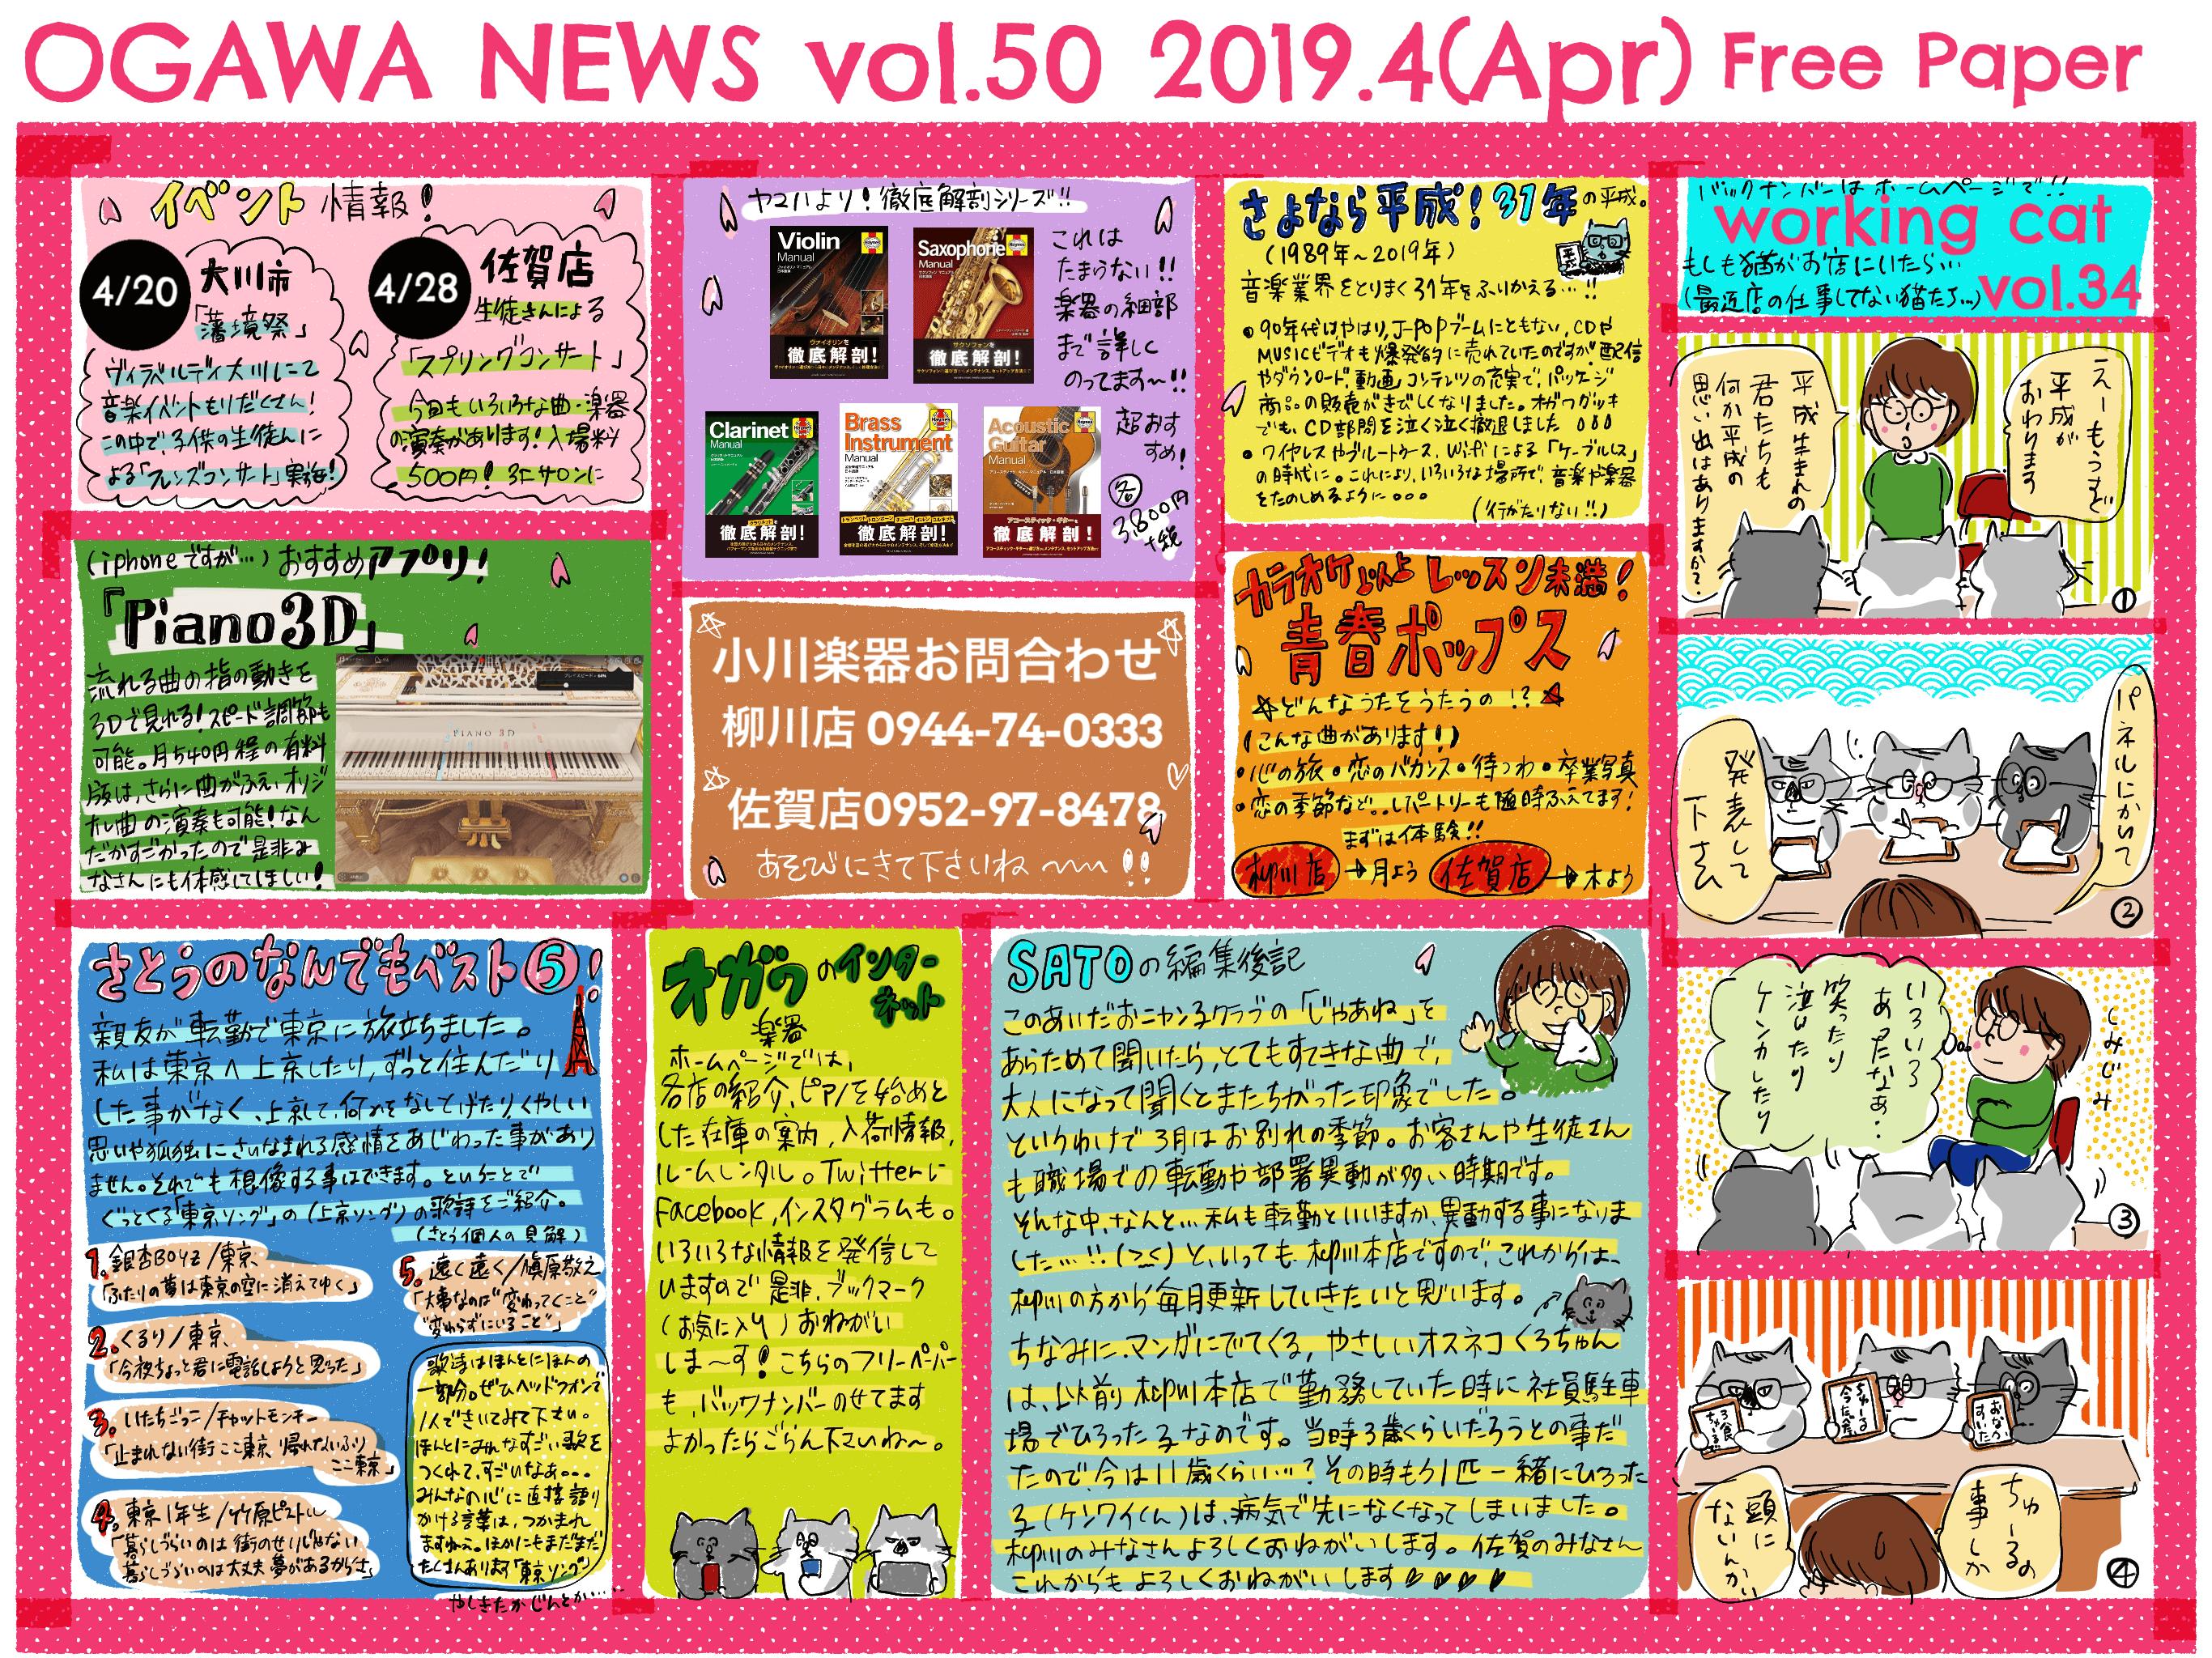 【柳川・佐賀店フリーペーパー】vol.50 2019年4月号